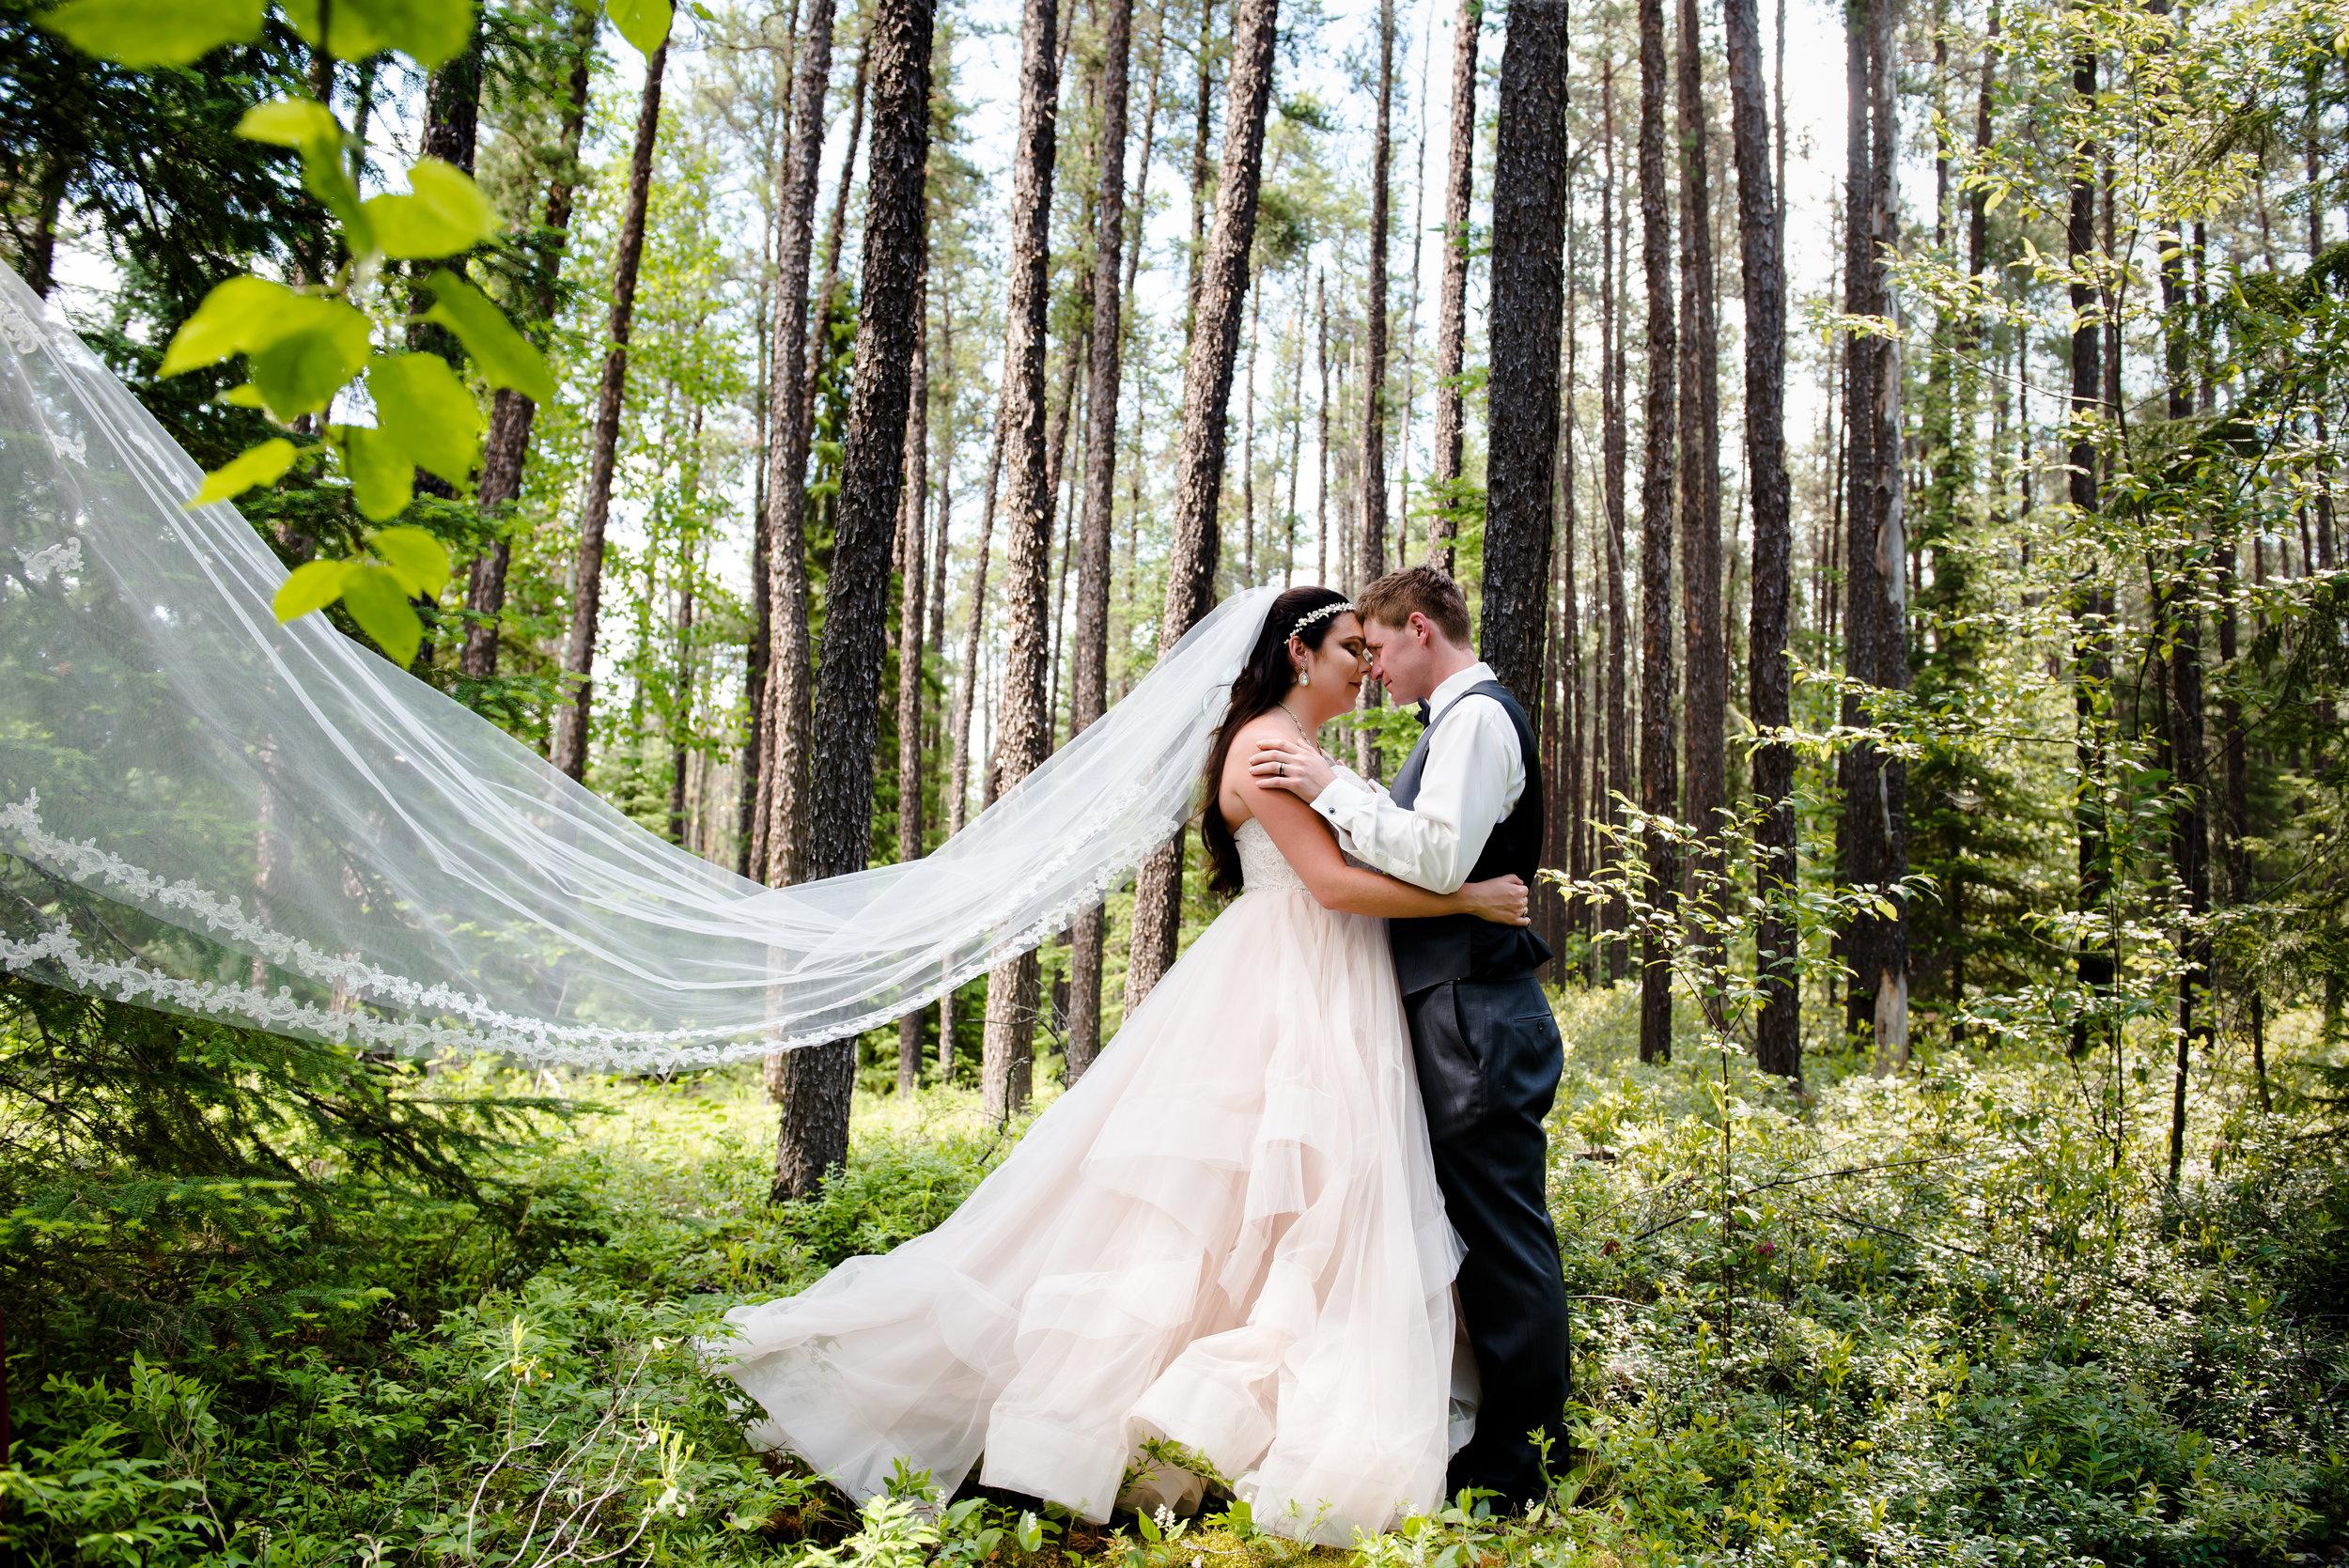 shawna_wedding-224.jpg